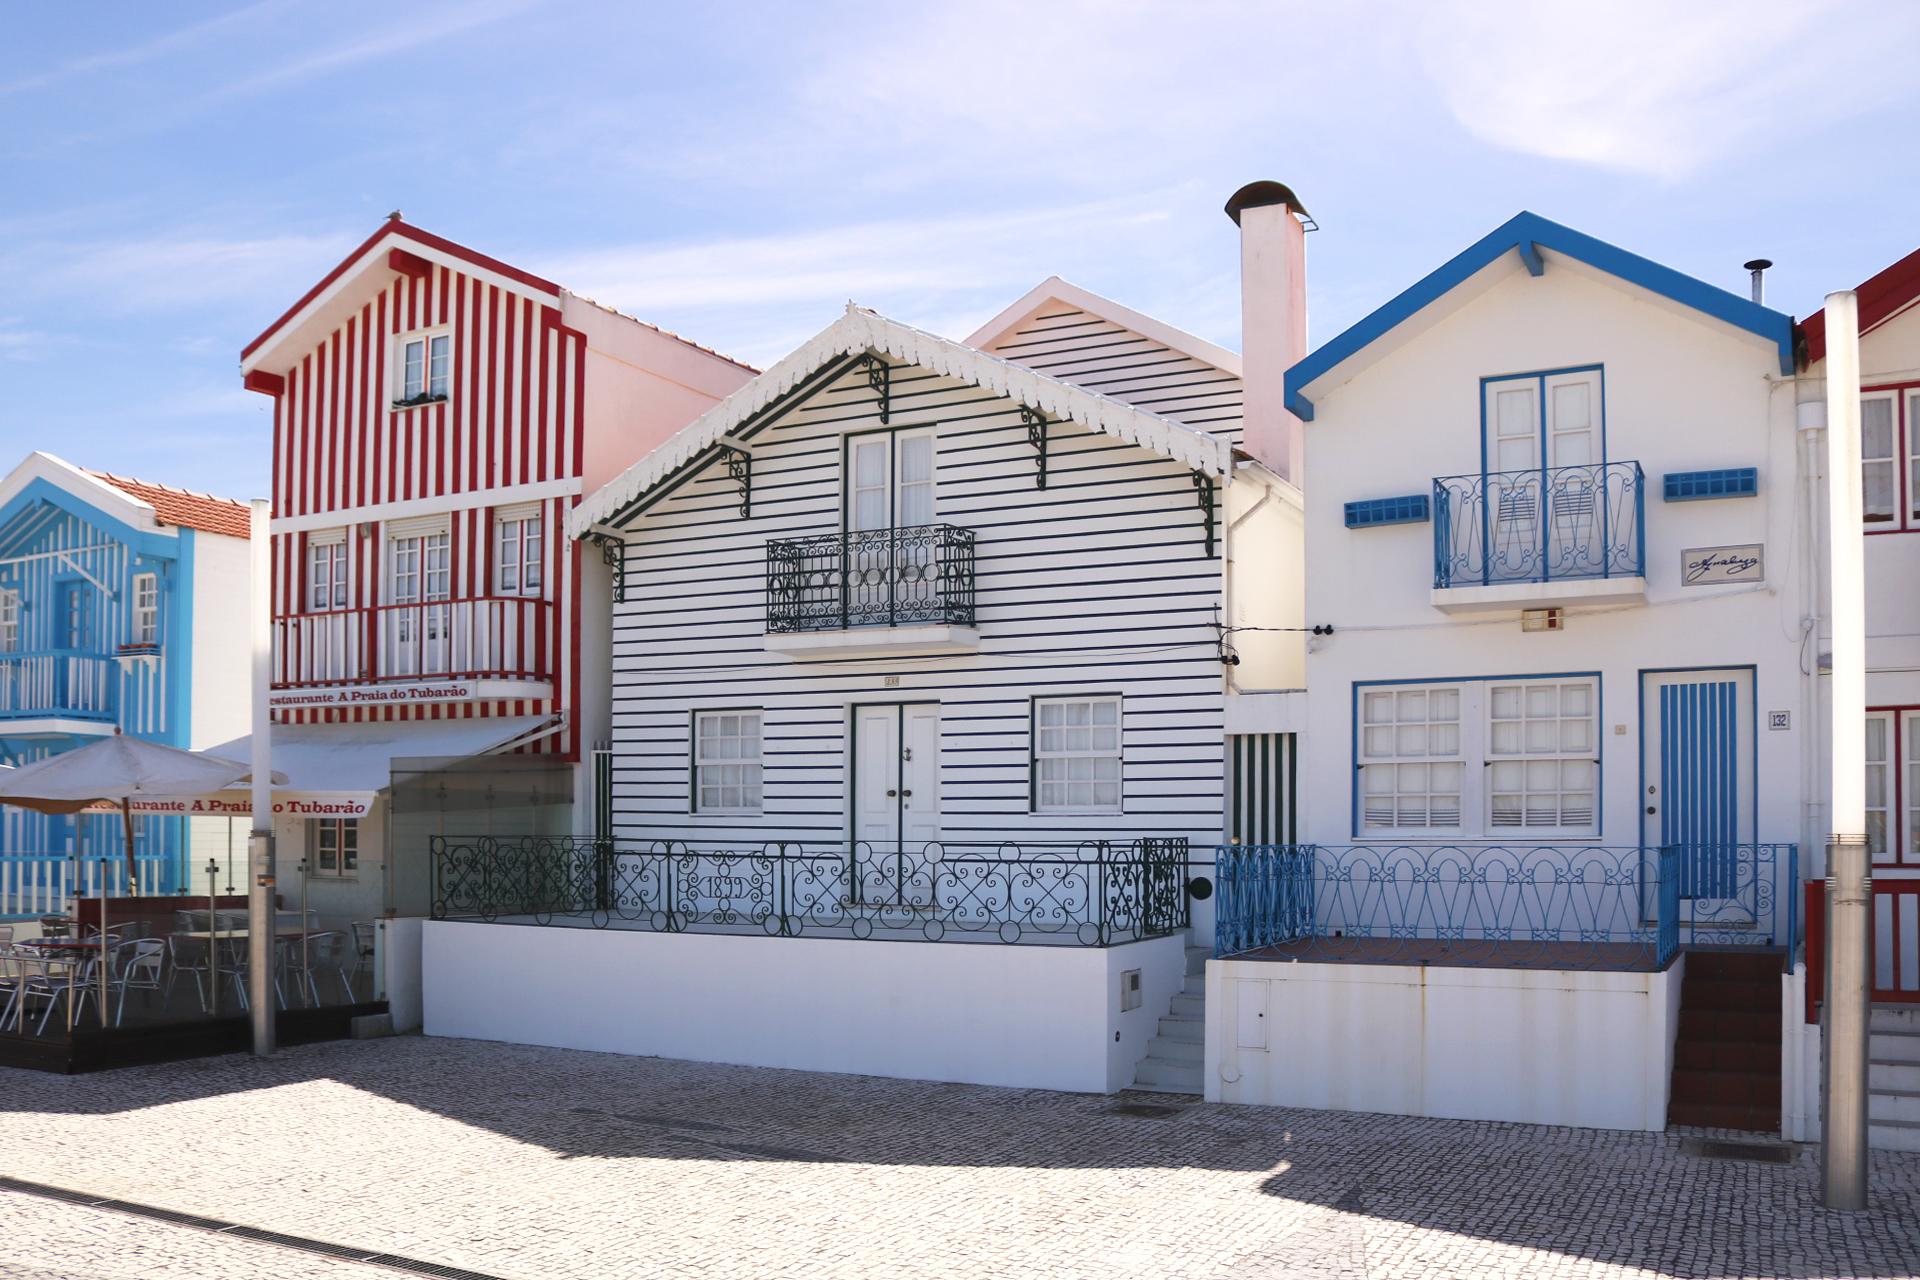 Costa Nova candidata a uma das 7 Maravilhas Aldeias de Mar